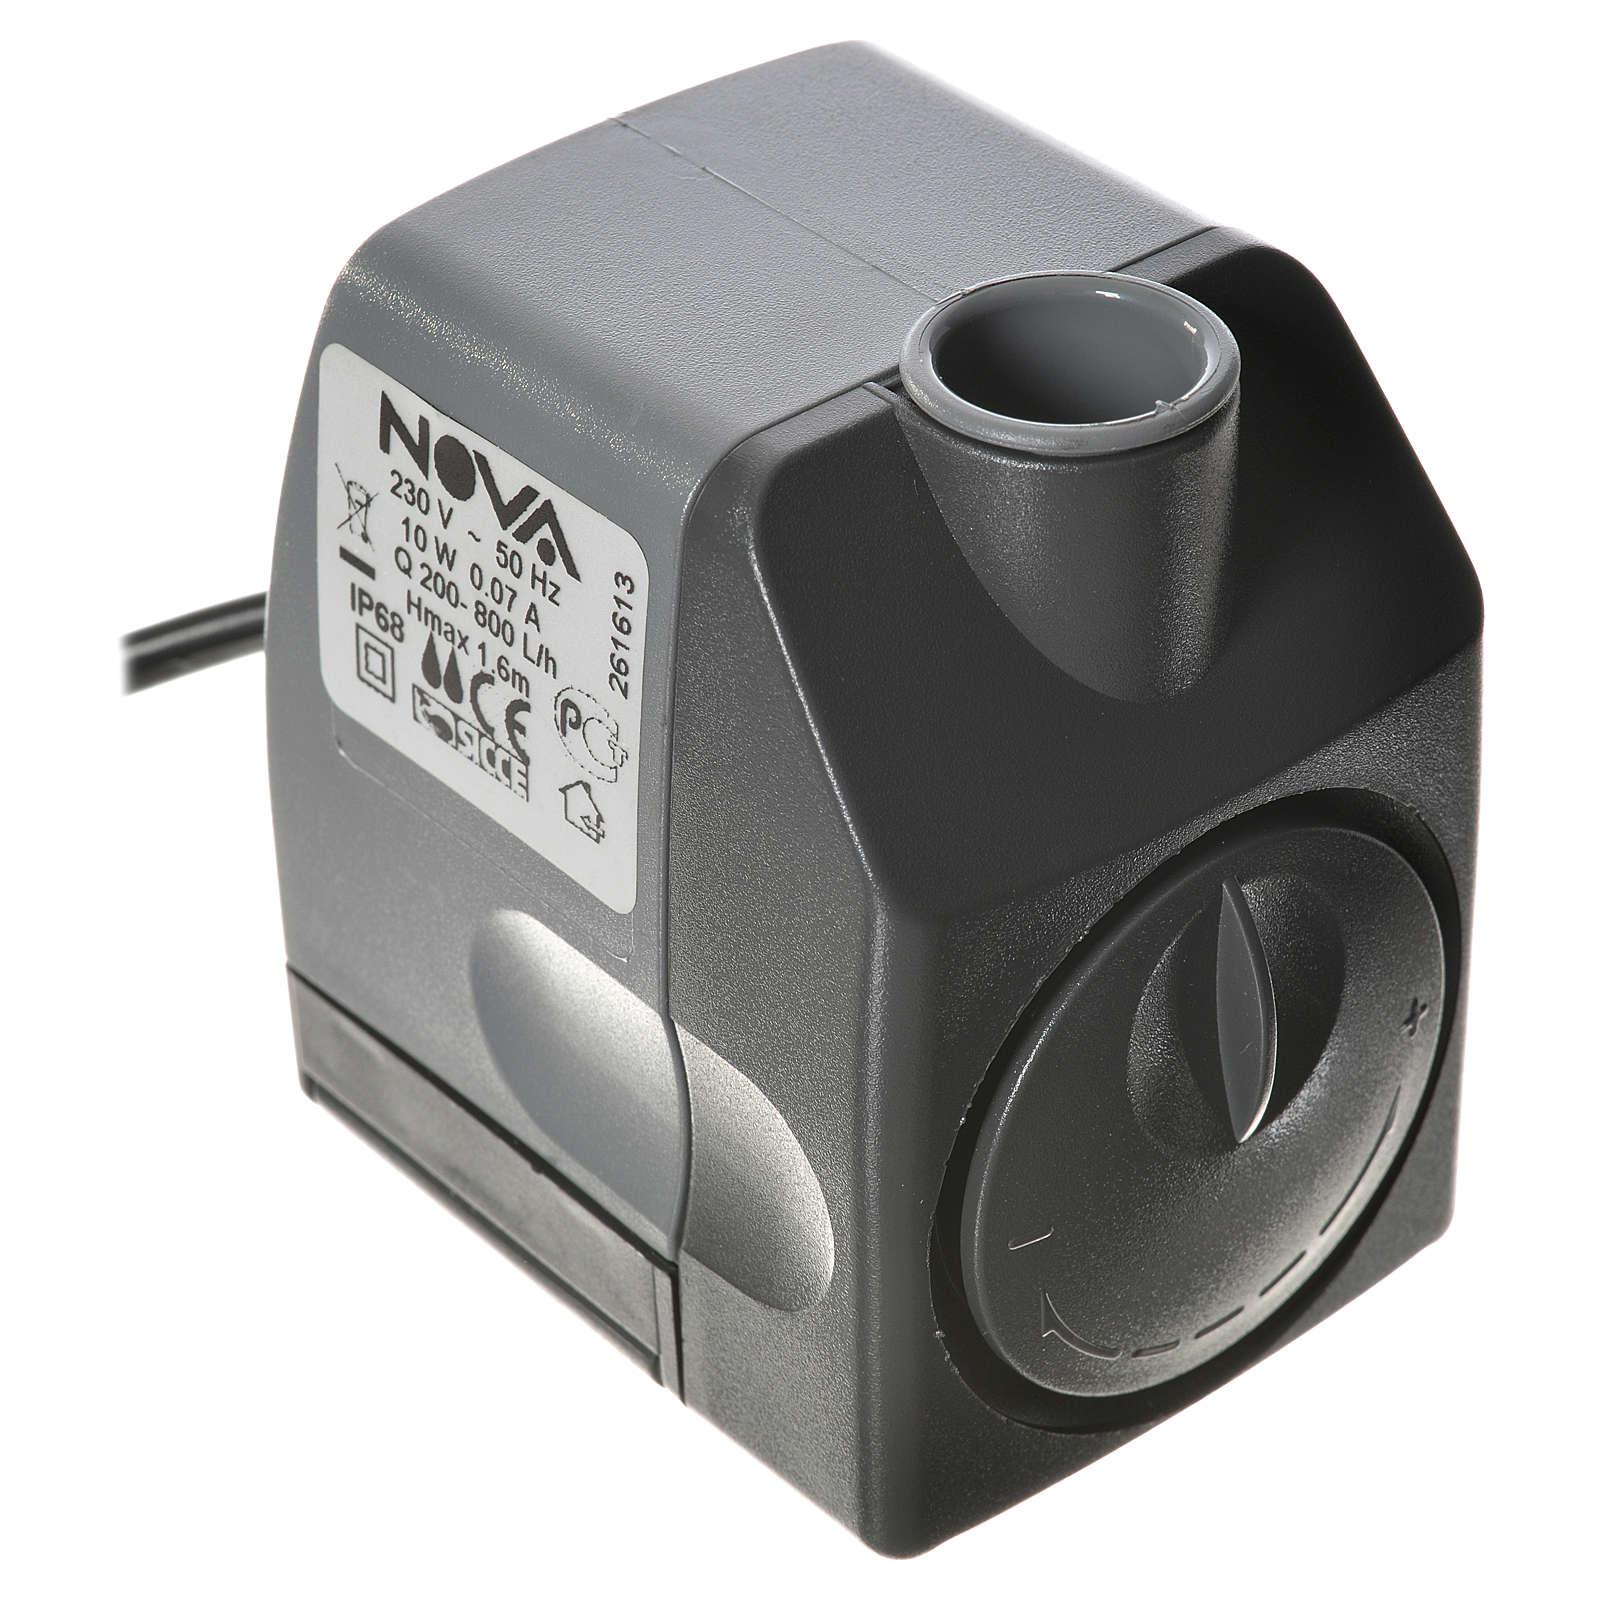 Bomba de Agua NOVA 200-800litros/hora 10W 4